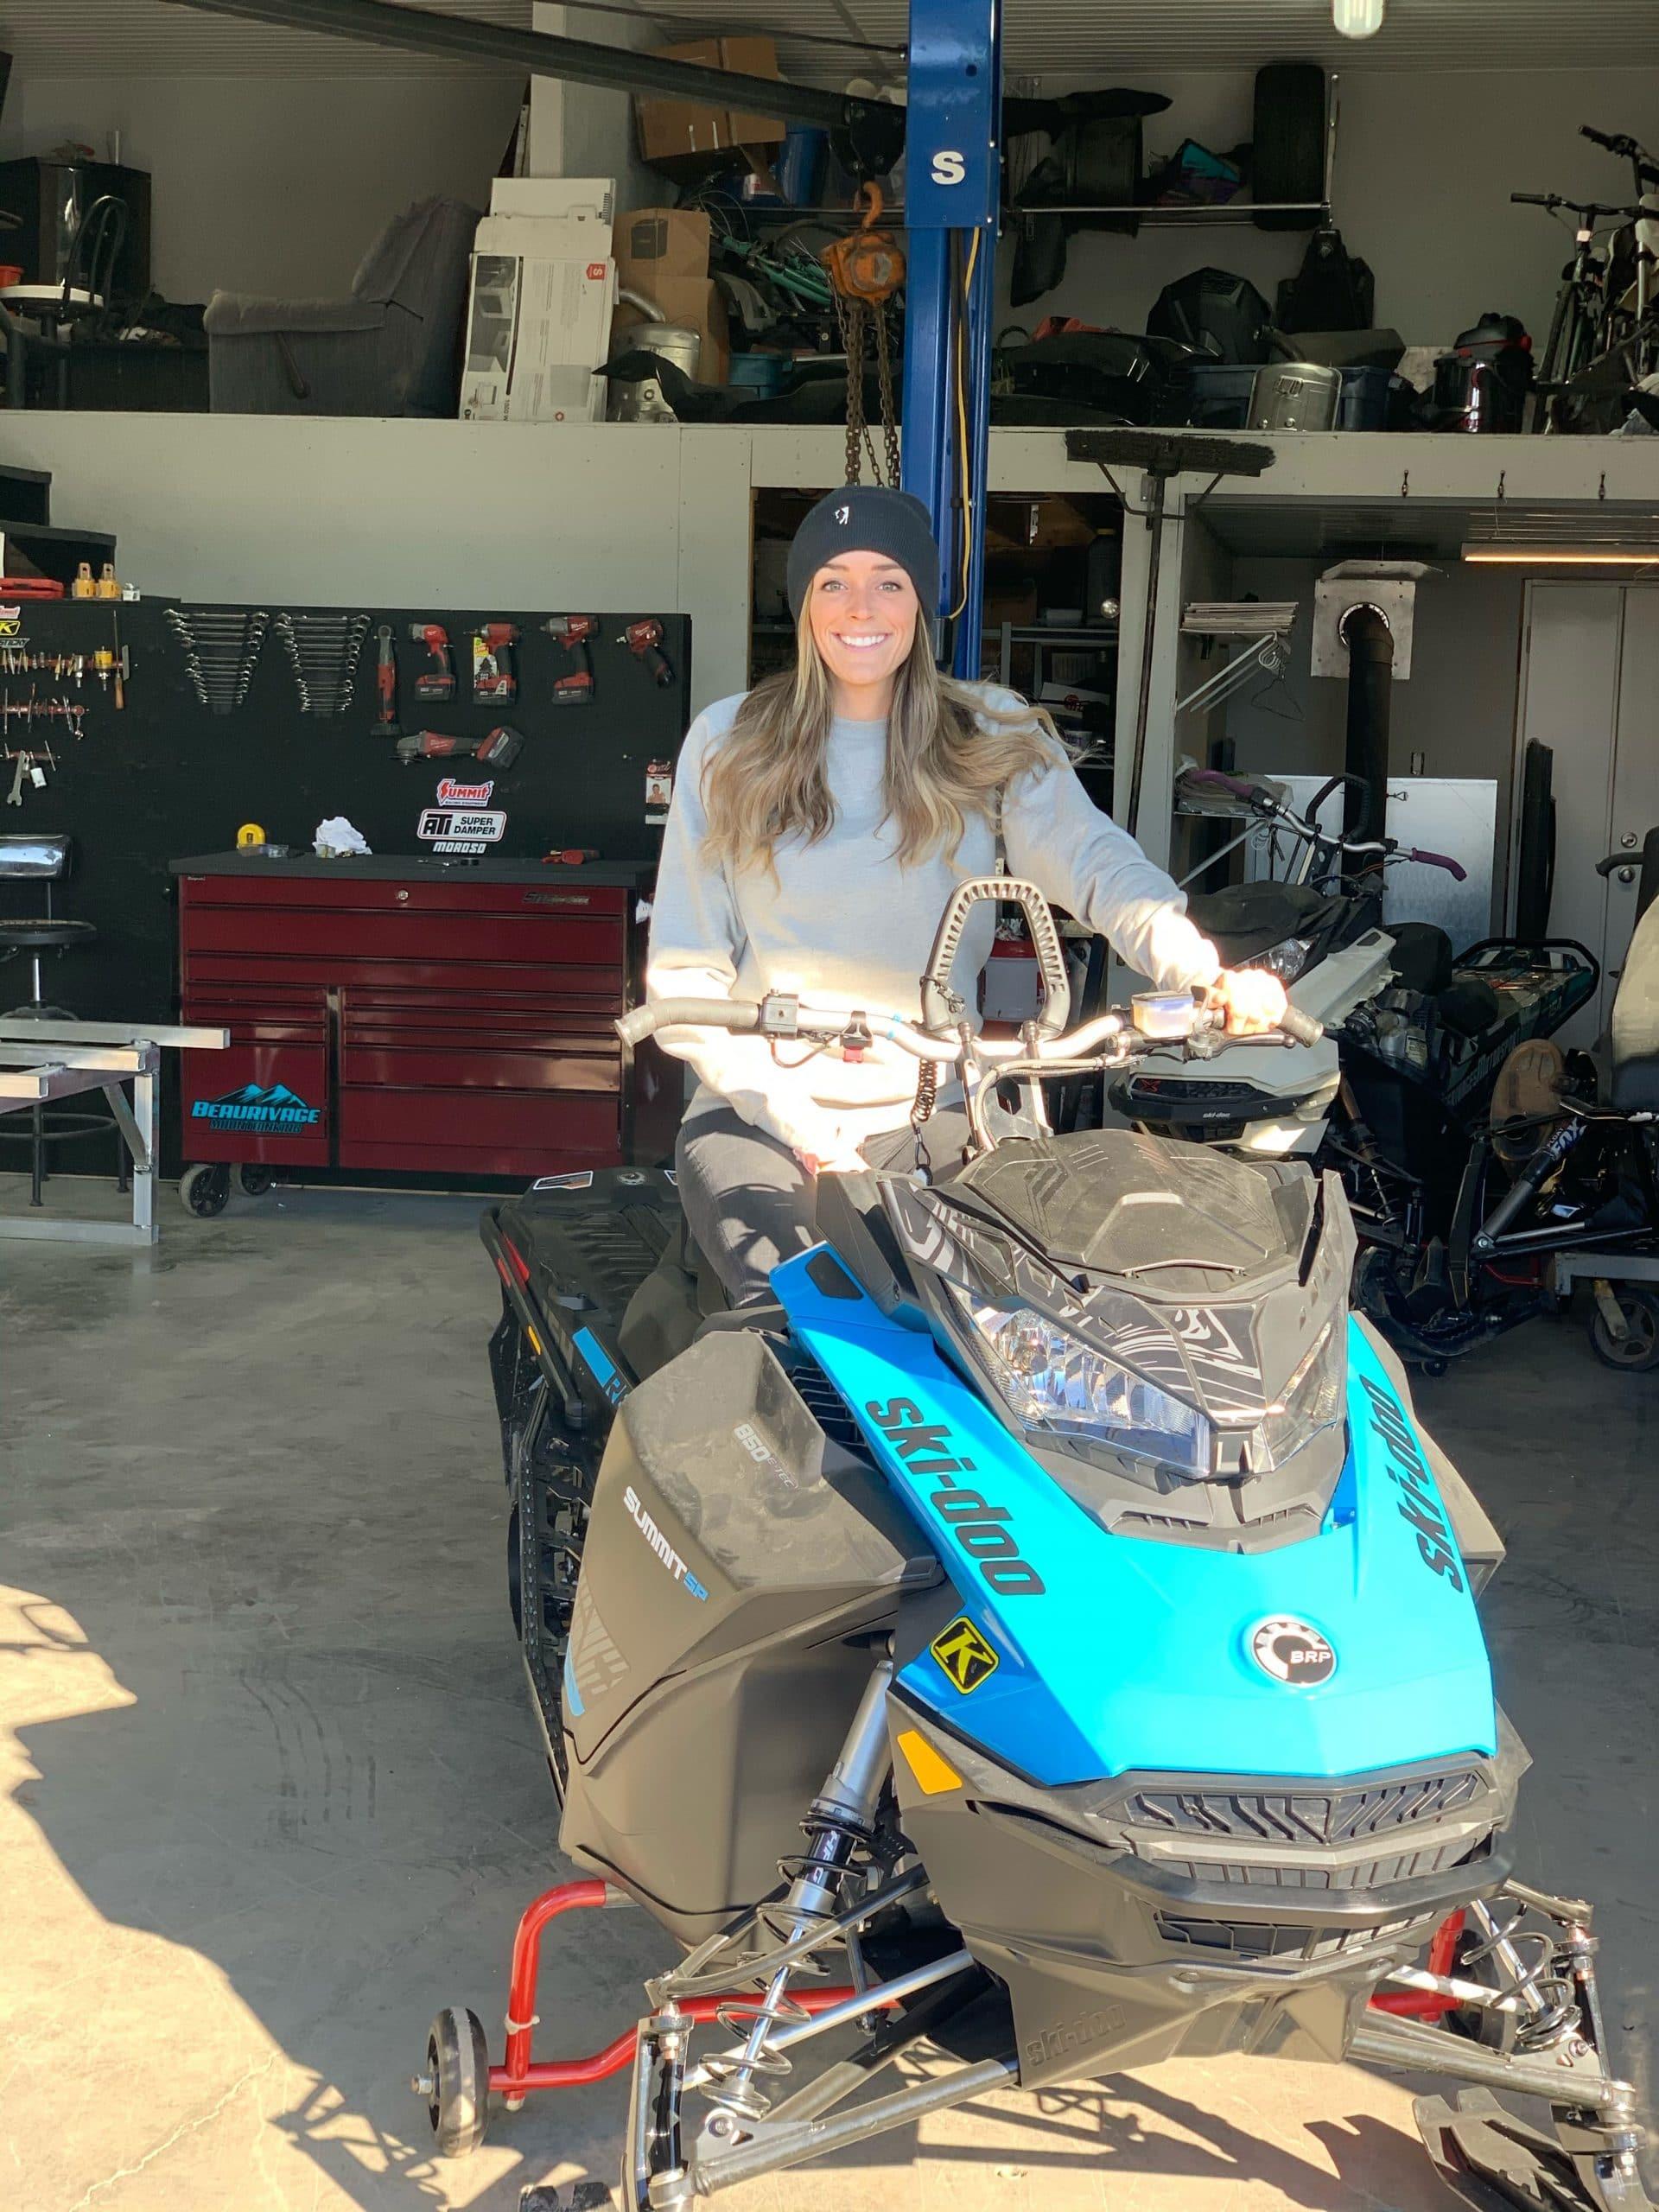 Comment préparer votre motoneige pour l'hiver